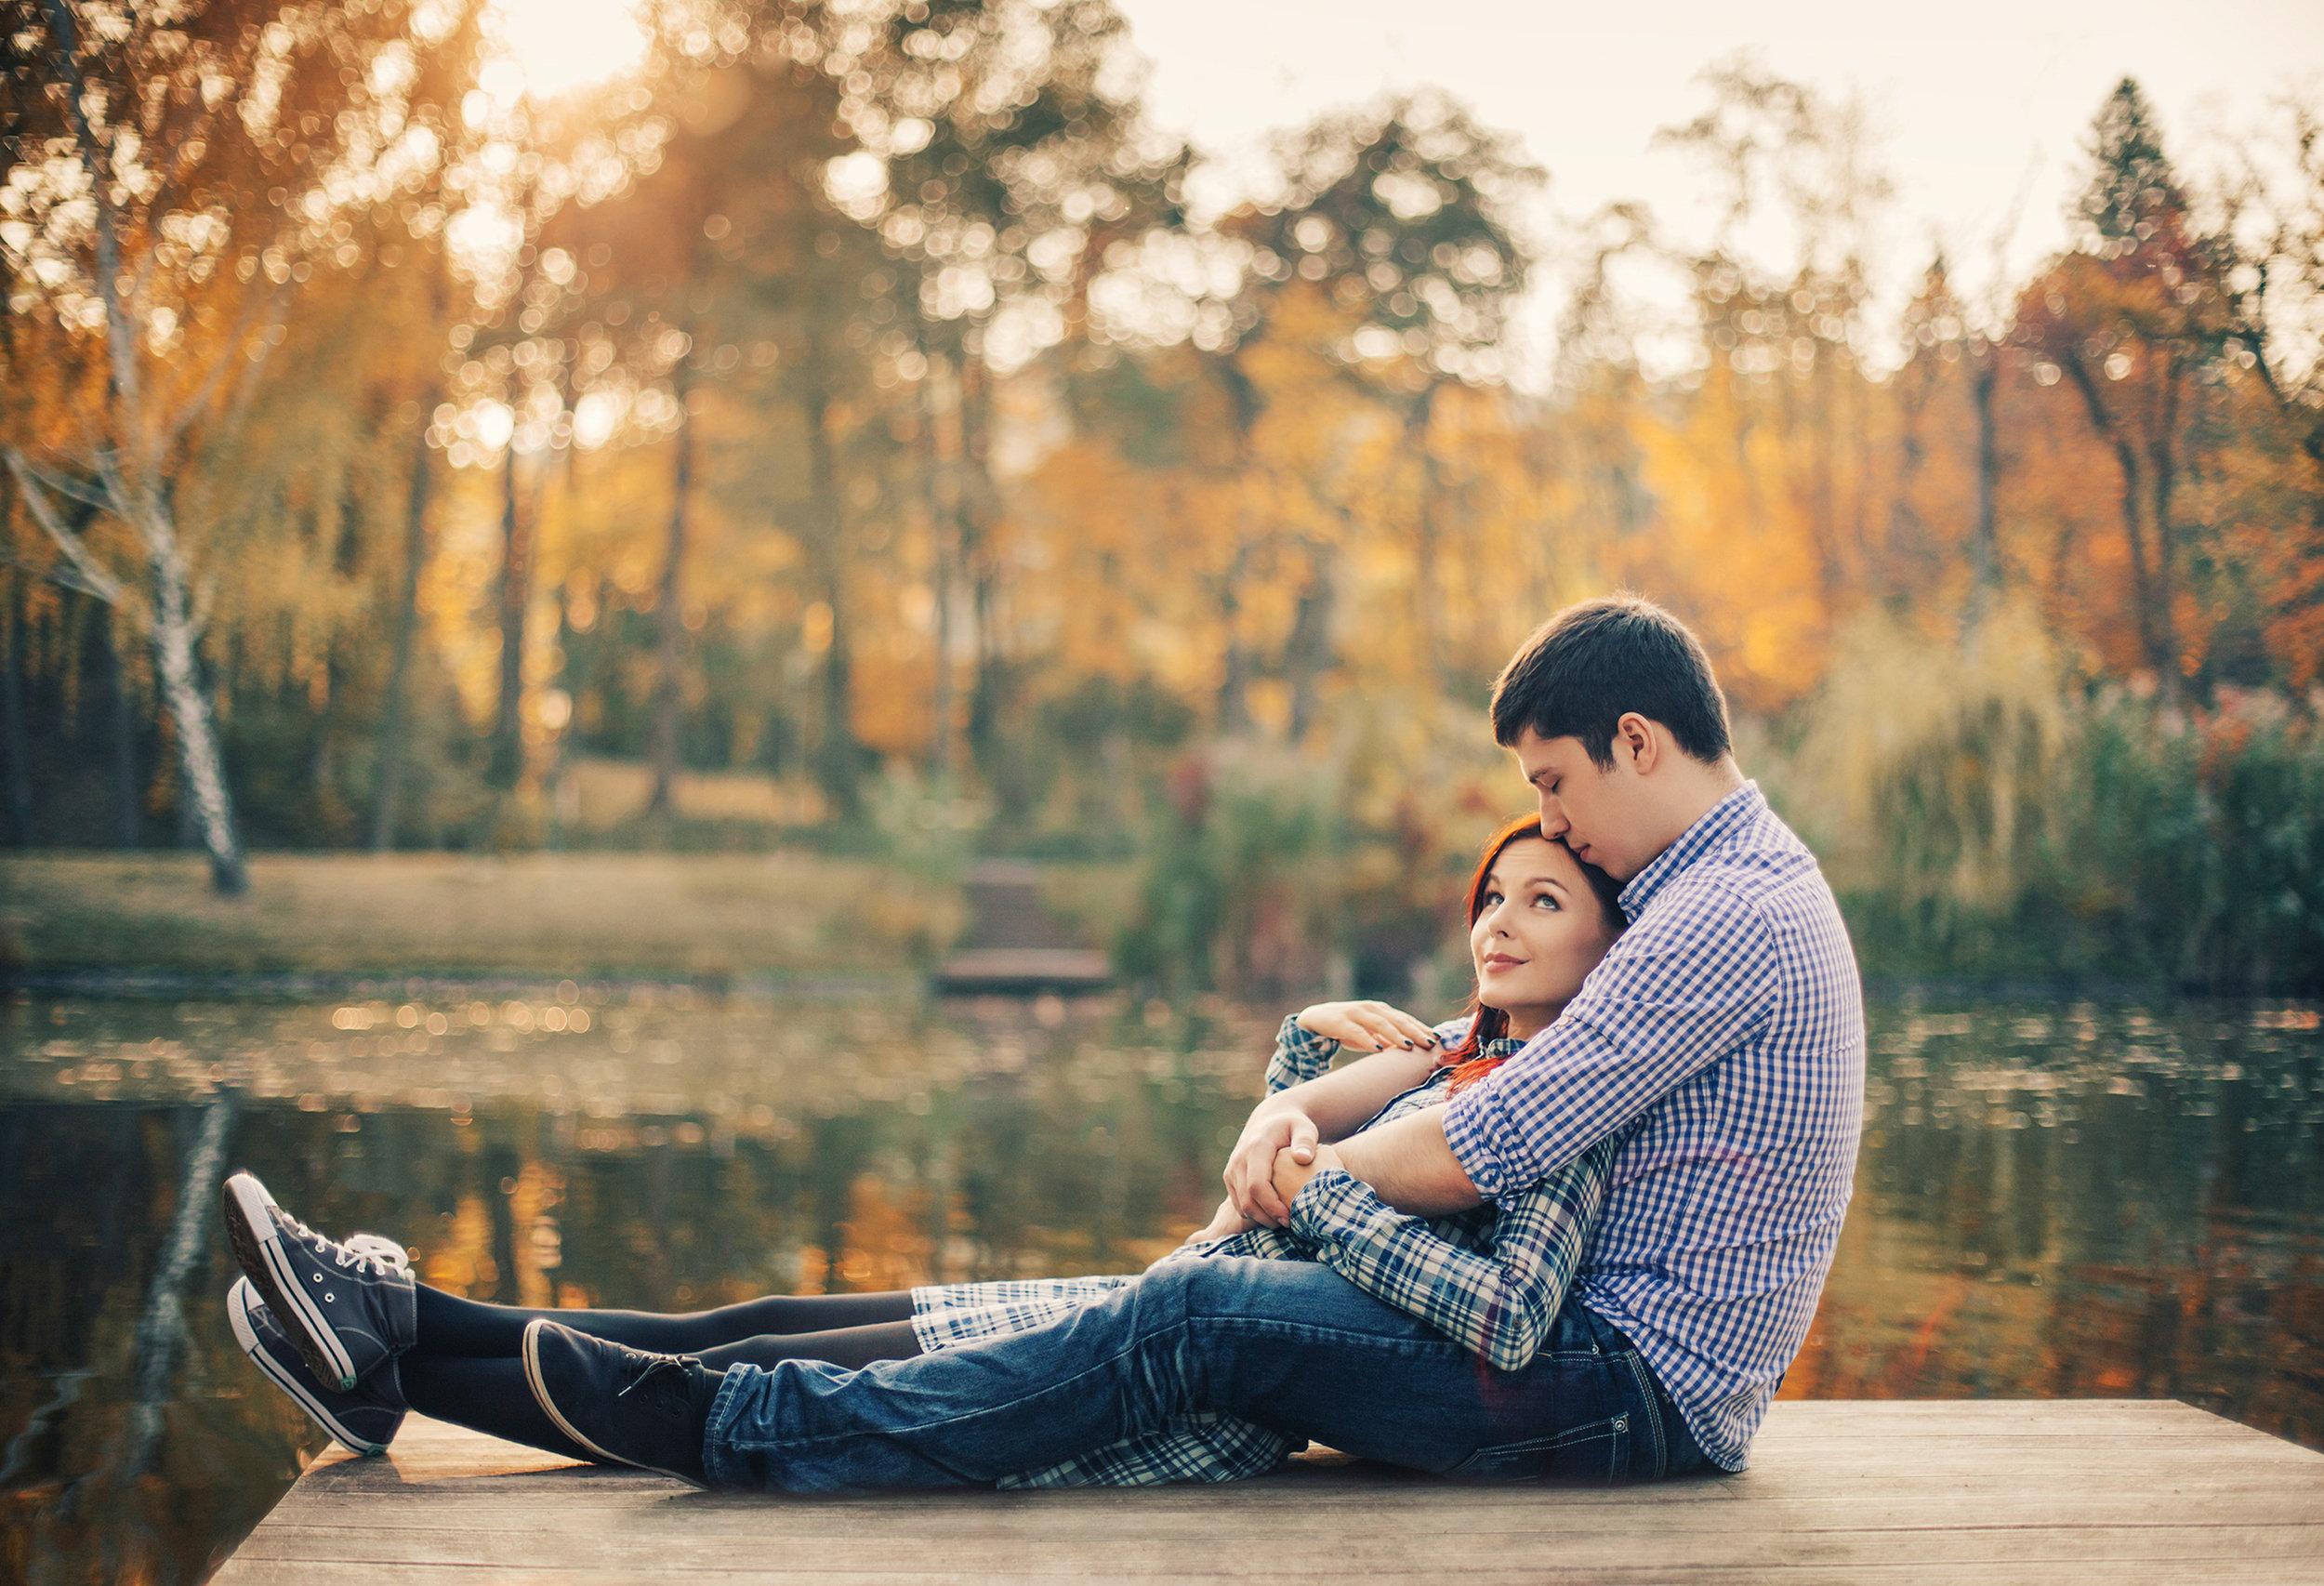 afe7dc9033fe6c Site de rencontre gratuit sérieux   il vous permet de trouver l amour